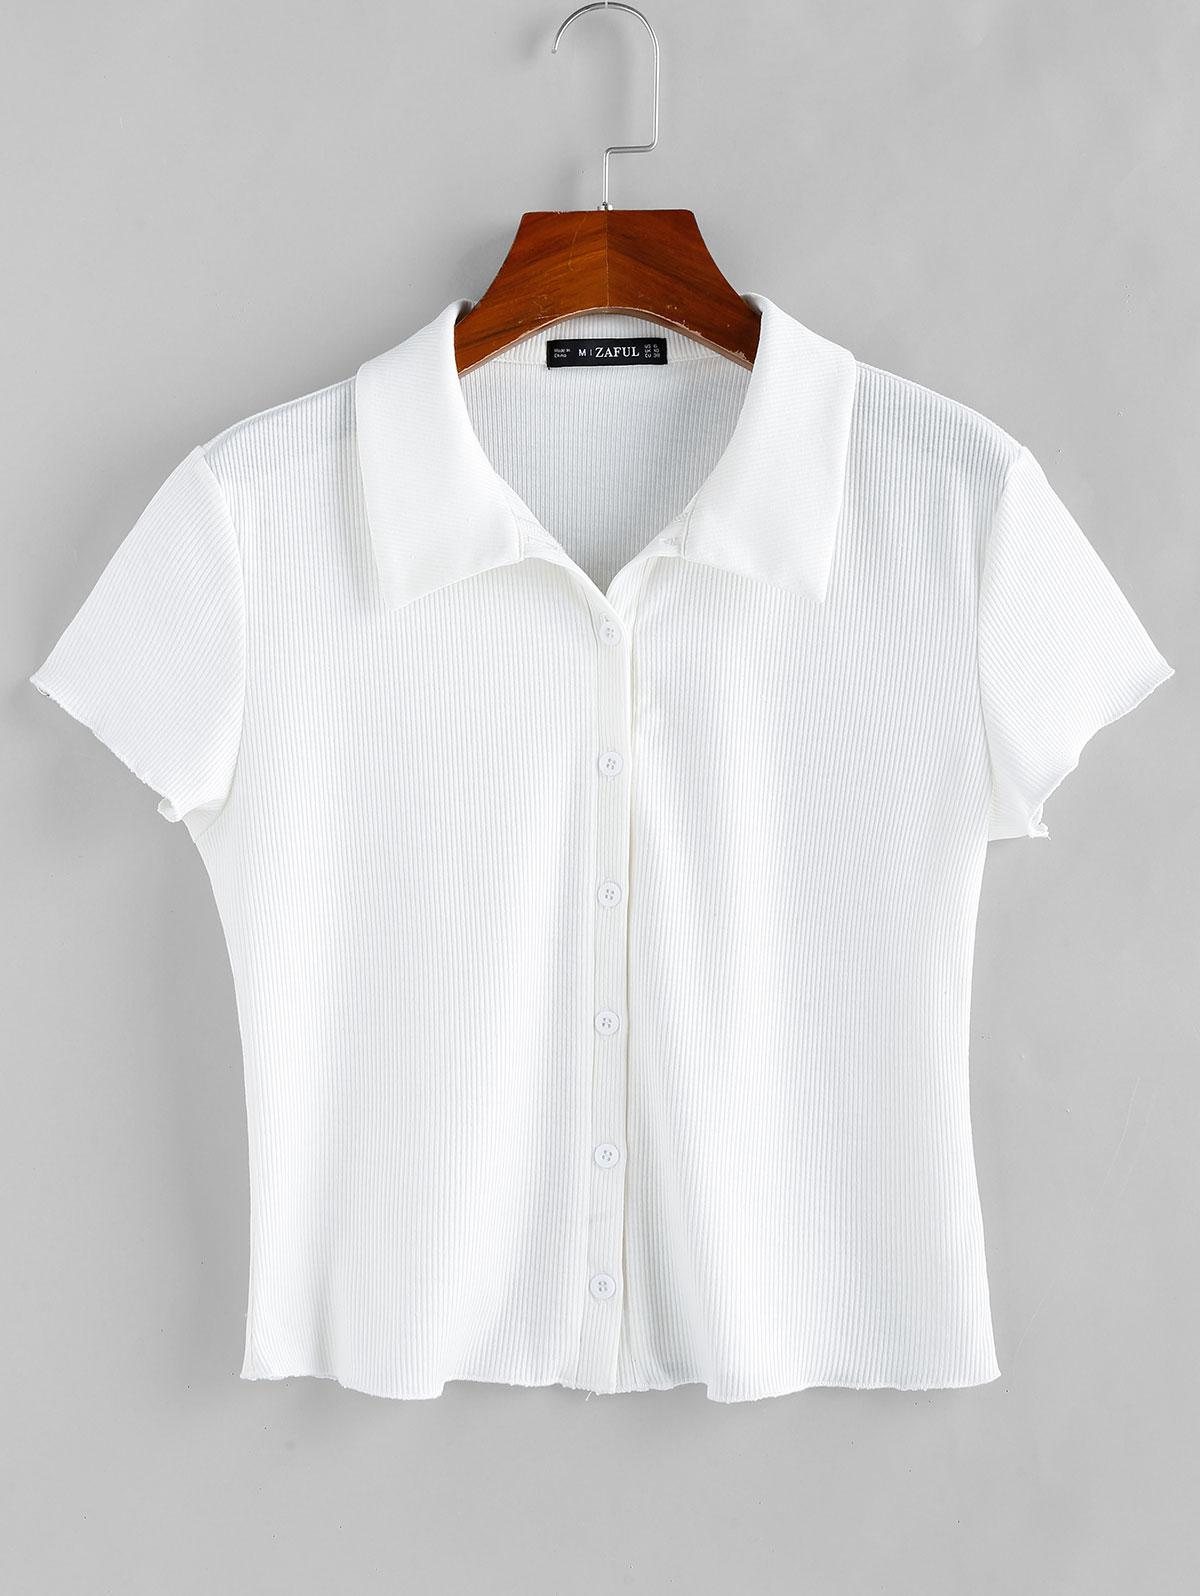 ZAFUL Basic Ribbed Shirt фото